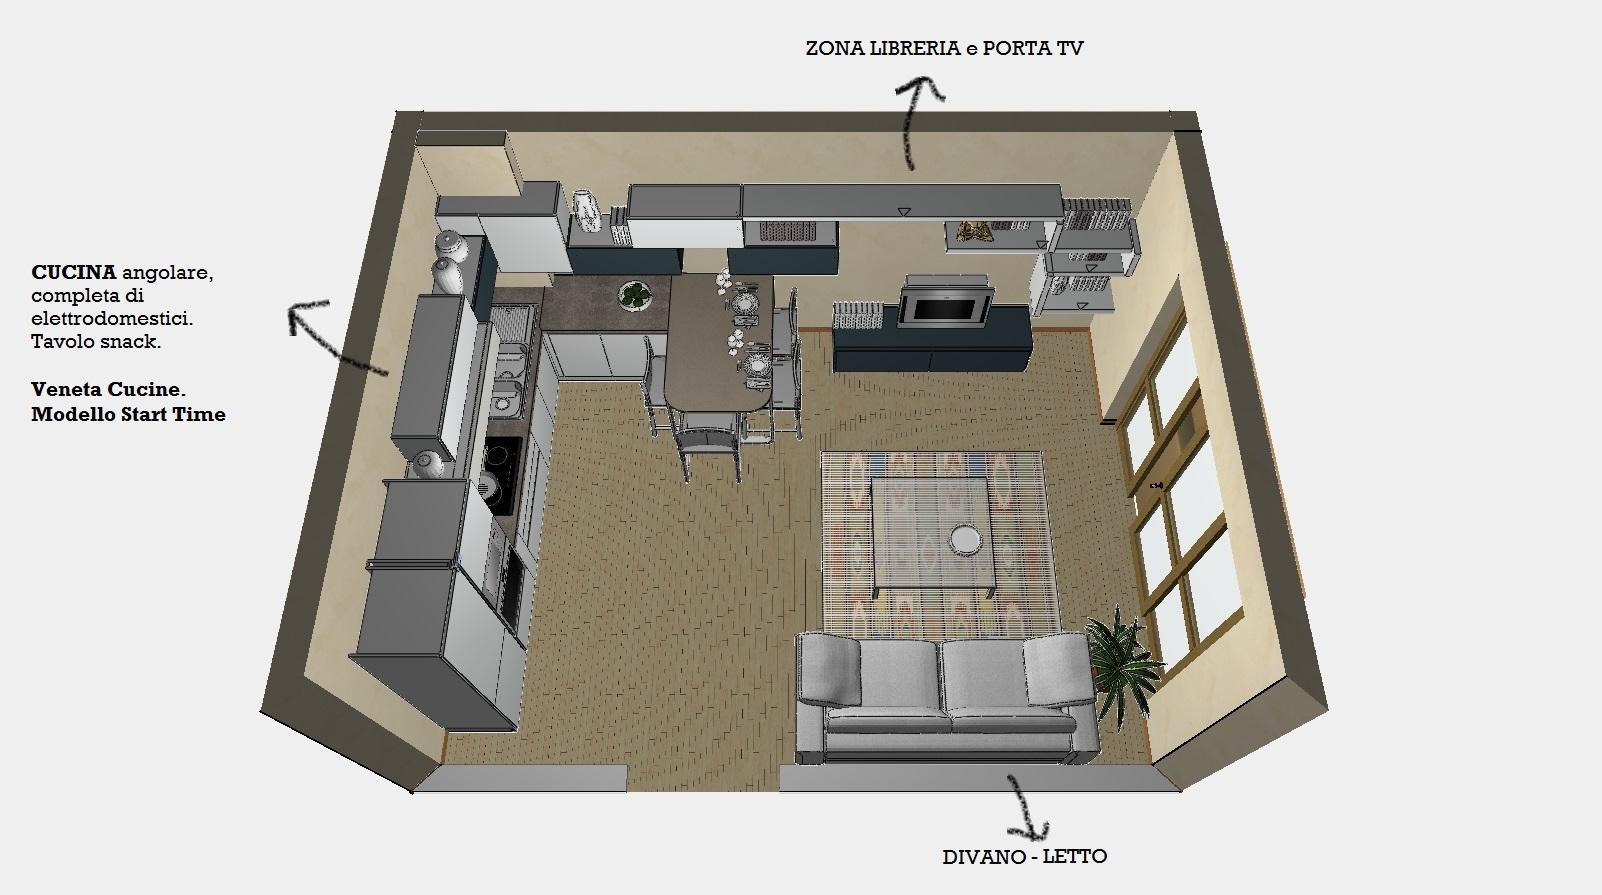 Progetto Ambiente Unico Archives Non Solo Mobili: Cucina Soggiorno  #7C6E4F 1602 895 Come Arredare Un Ambiente Unico Cucina Soggiorno